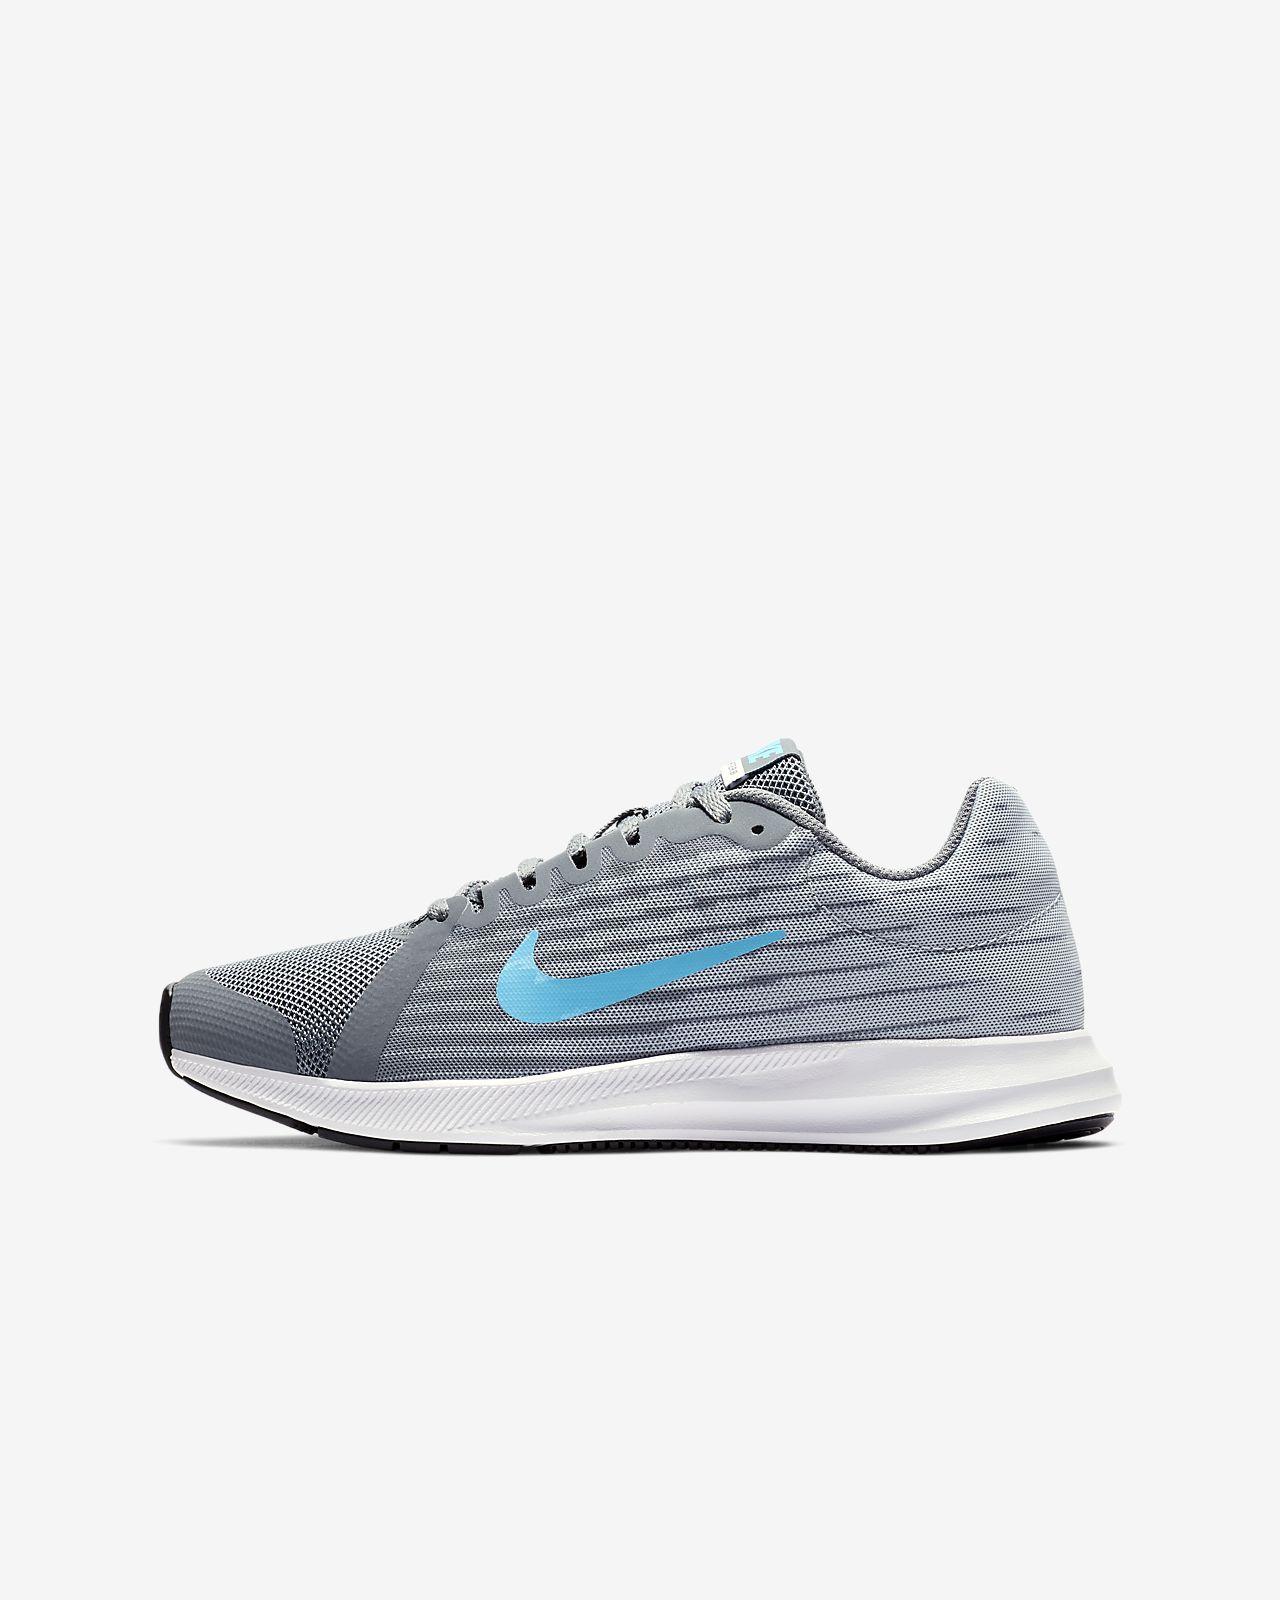 new product 8751a 73722 ... Löparsko Nike Downshifter 8 för ungdom (killar)